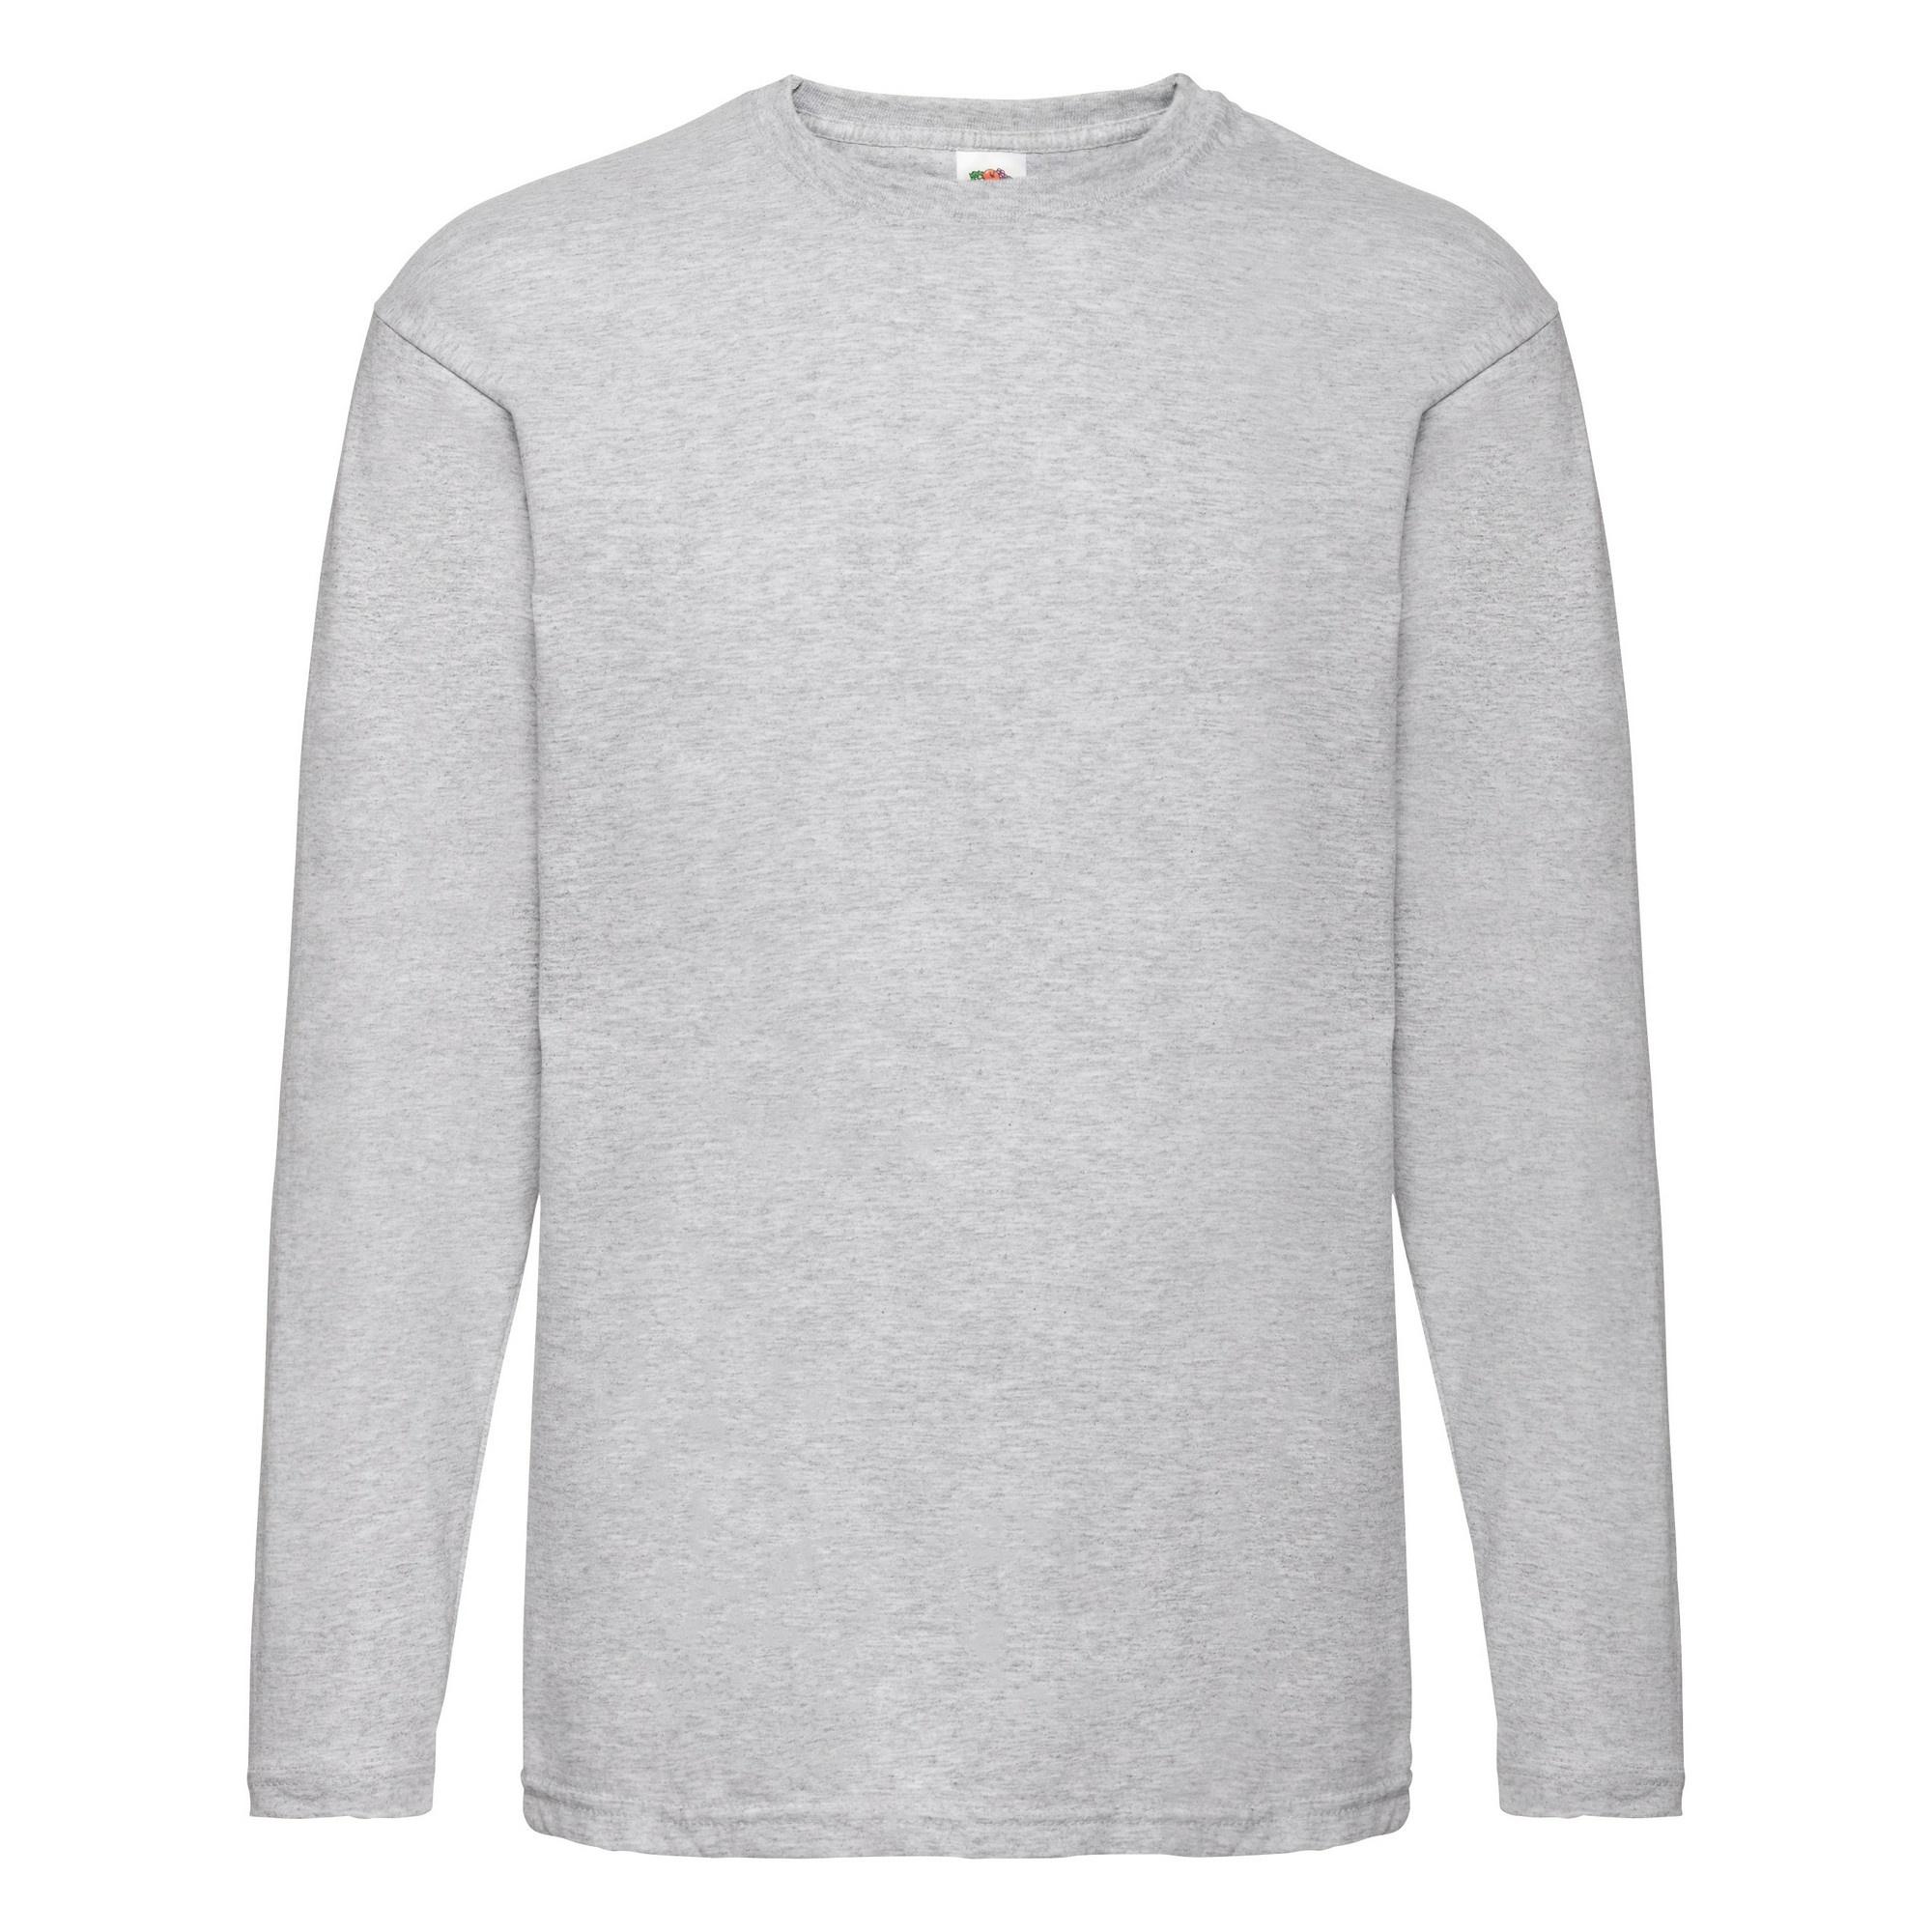 miniature 11 - T-shirt à manches longues Fruit Of The Loom, 100% coton, pour homme (BC331)